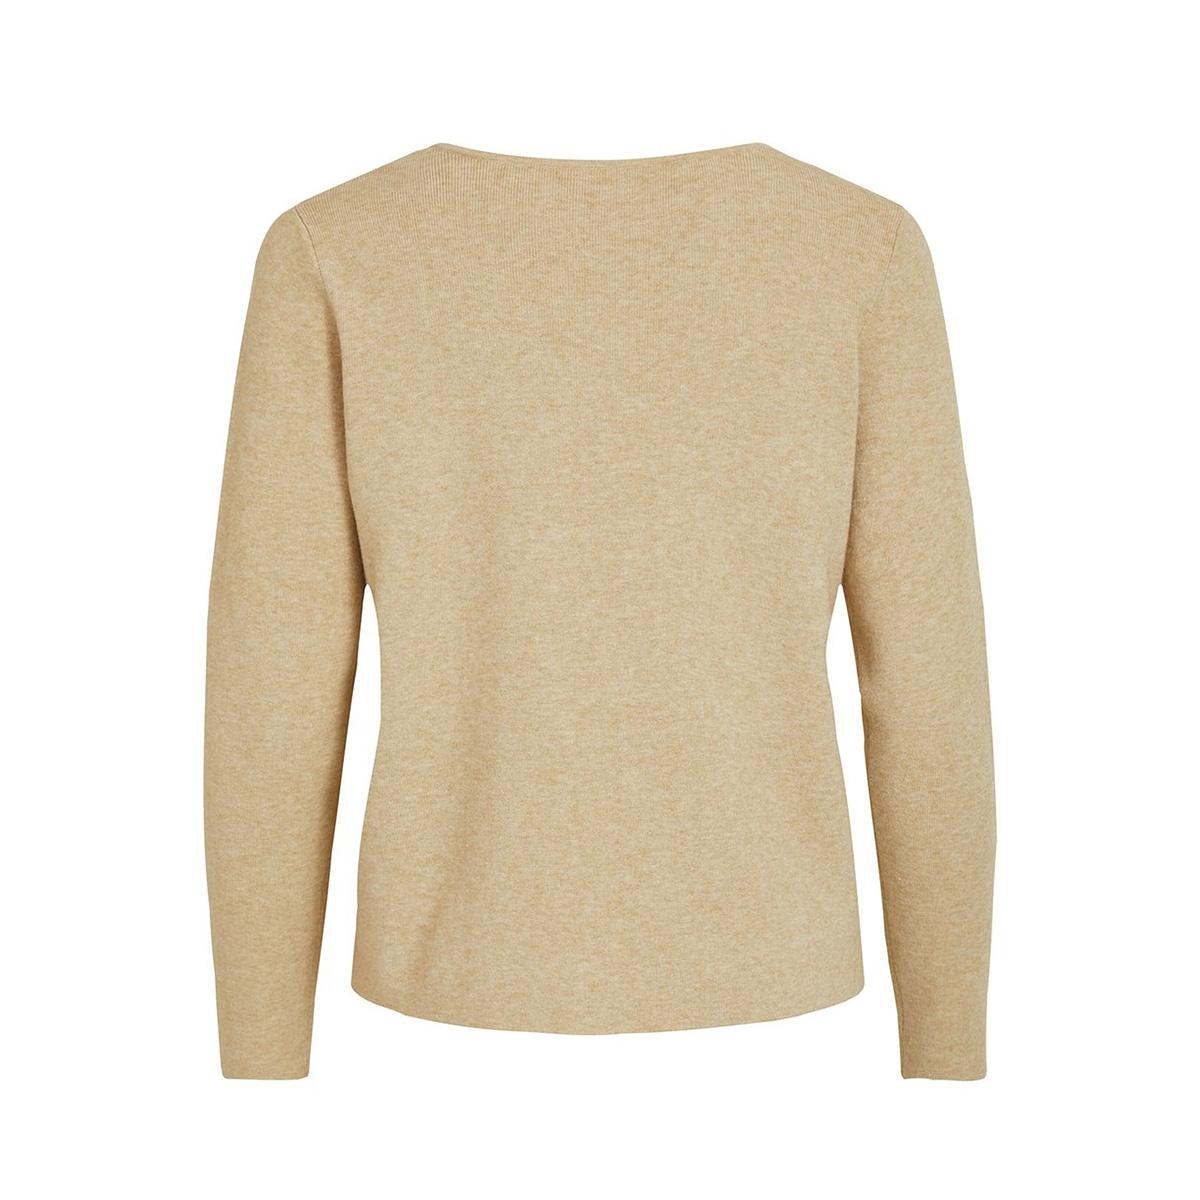 vilacal knit l/s lace up top/des 14055540 vila trui nomad